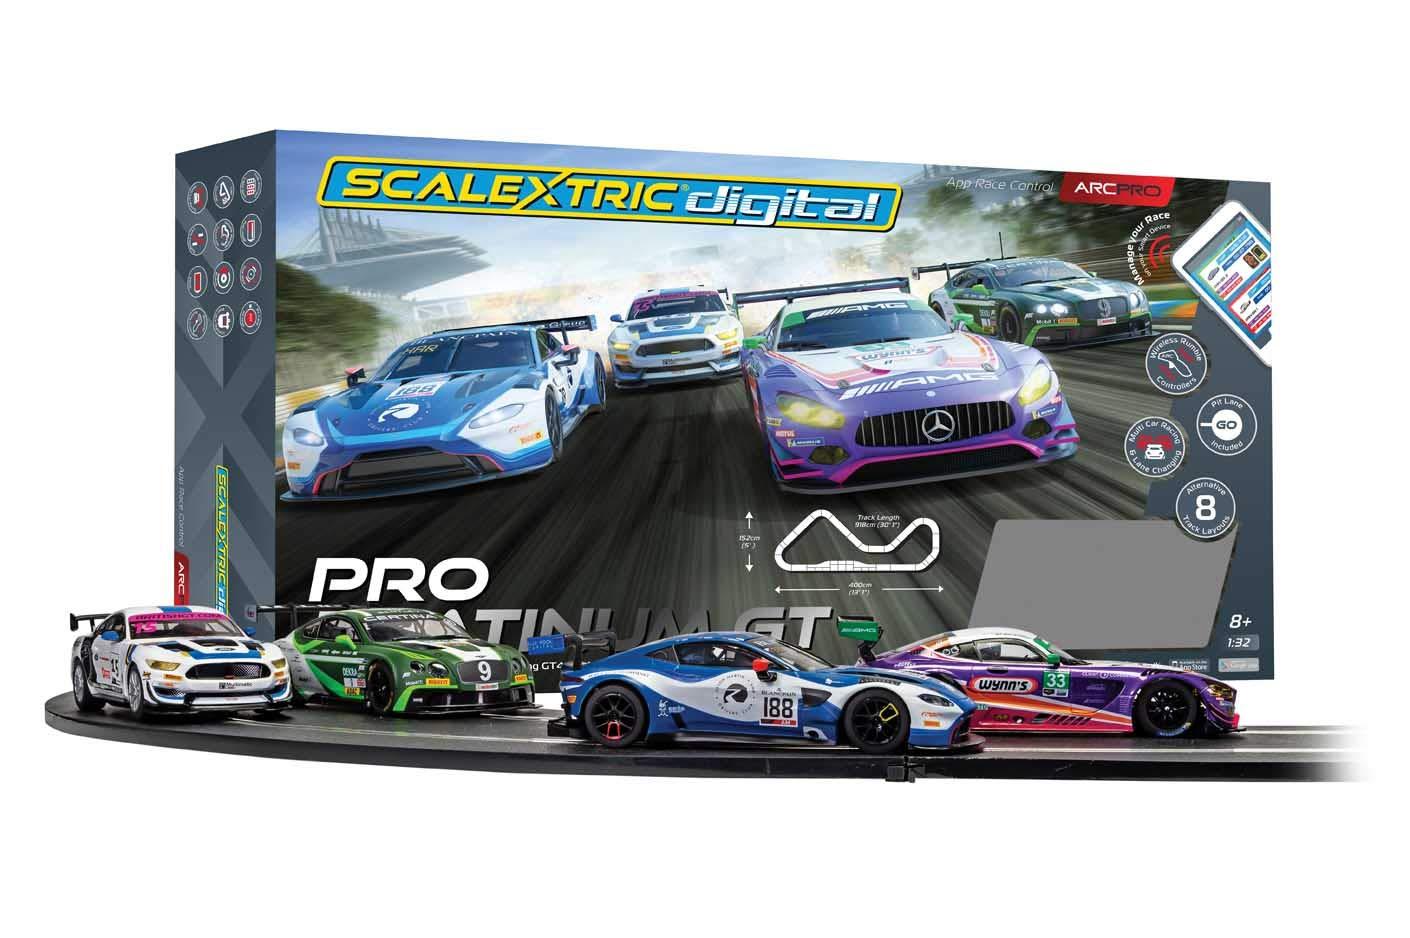 Scalextric App Race Control Pro Platinum GT 1:32 ARC Digital Slot Race Track Set C1413T